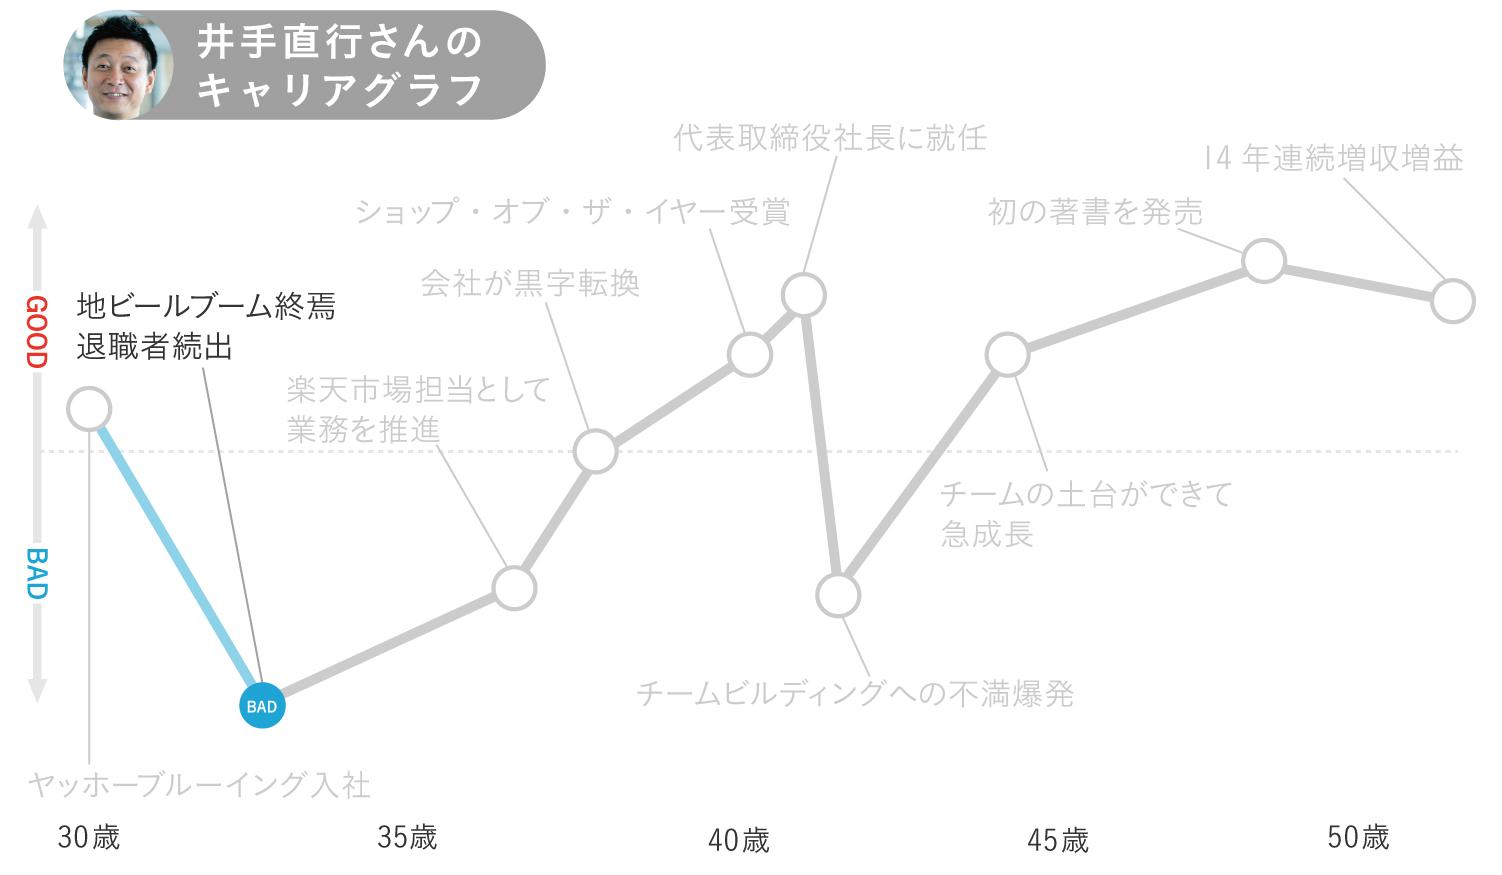 キャリアグラフ2